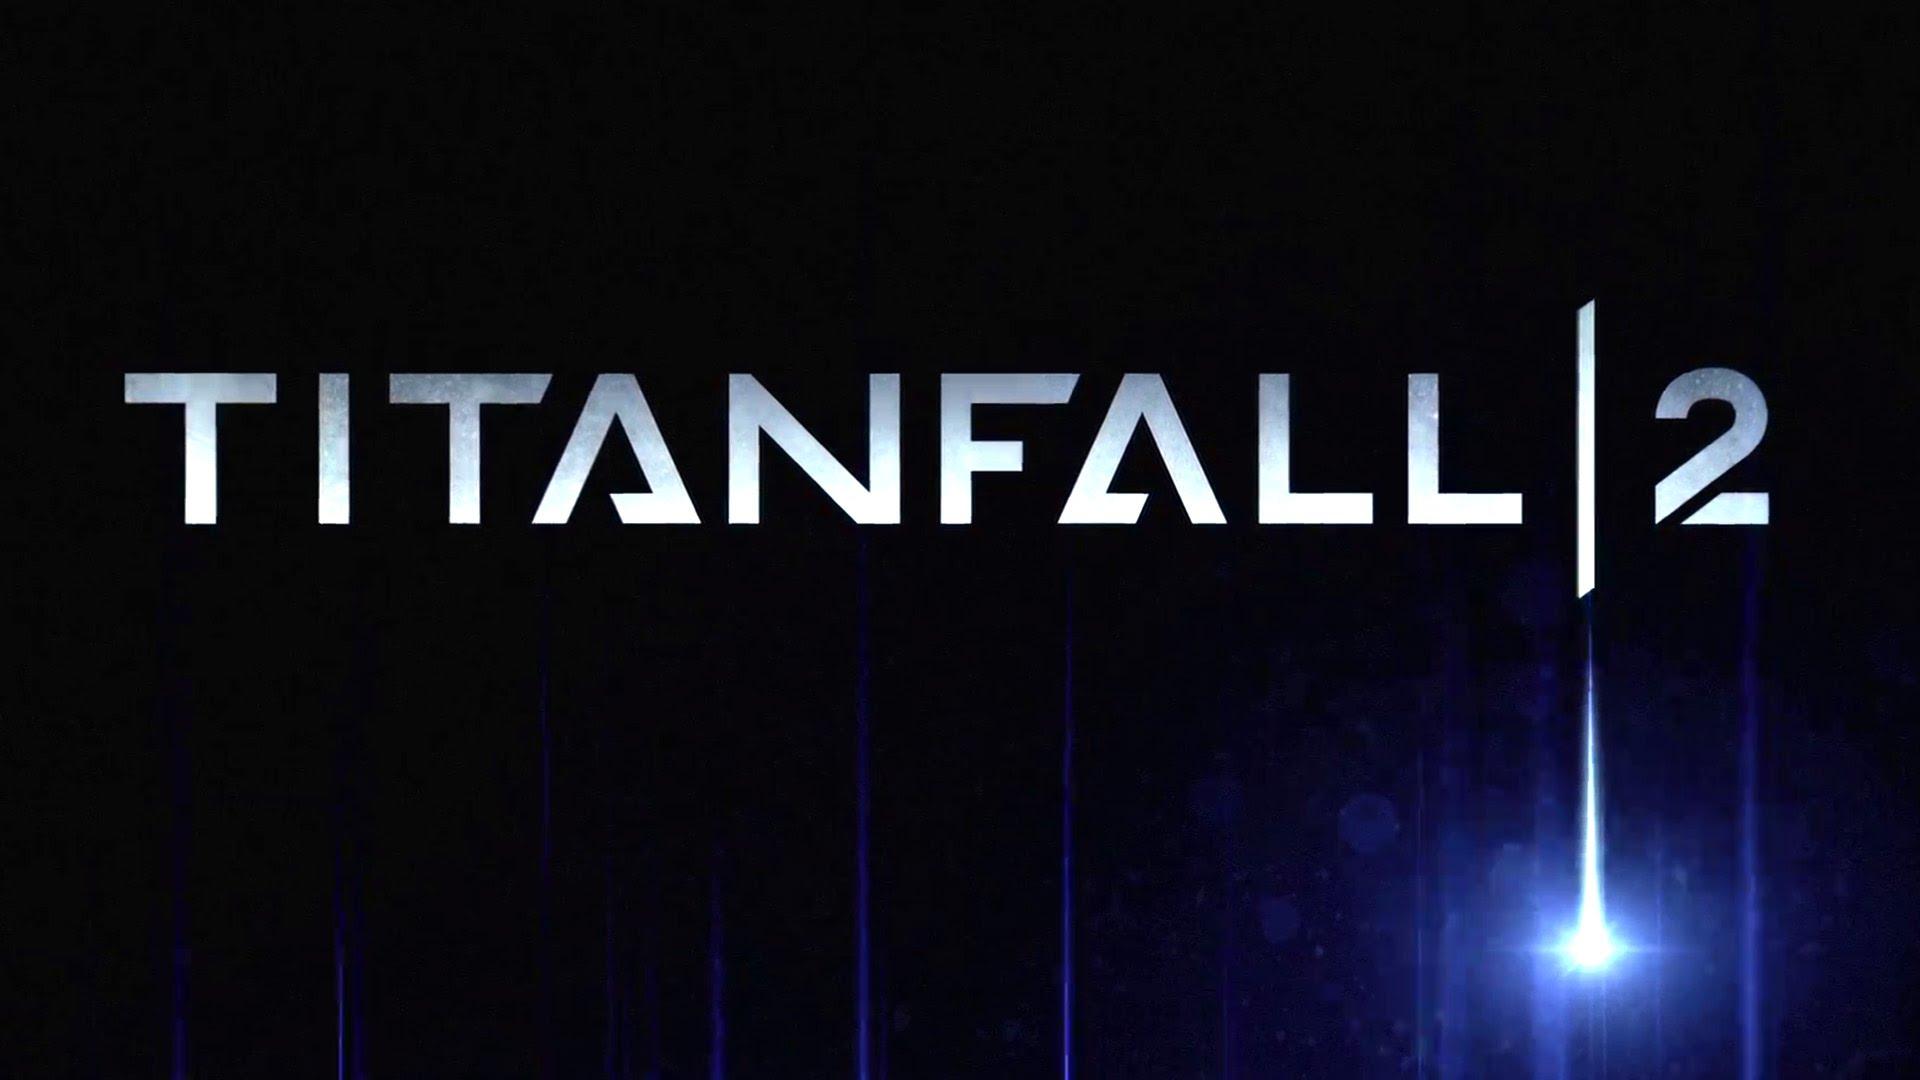 titanfall-2-logo-pn